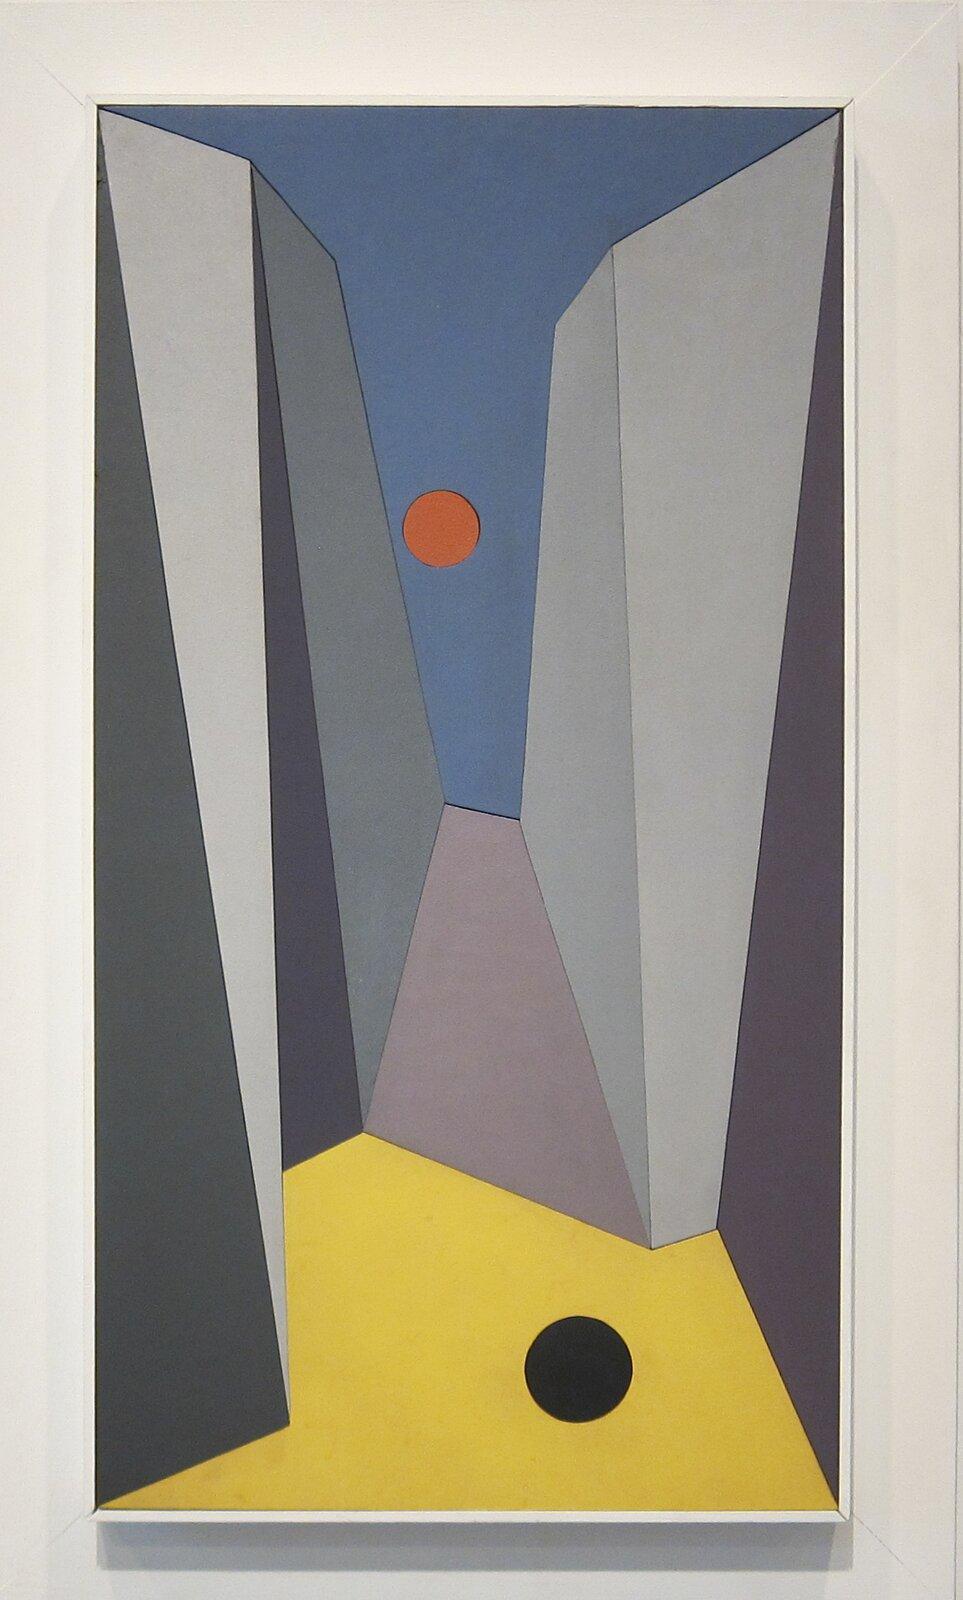 """Ilustracja przedstawia obraz olejny """"New York"""" autorstwa Charlesa Greena Shawa. Artysta, przy pomocy prostych geometrycznych kształtów, malowanych płaską plamą kolorystyczną stworzył kompozycję na pograniczu abstrakcji ifiguracji. Utrzymane wtonacji szarości trójkąty iprostokąty umieszczone po obu stronach obrazu izmniejszające się ku jego środkowi, tworzą wrażenie przestrzeni miejskiej. Na dole kompozycji artysta umieścił żółty wieloboczny kształt zczarnym kołem, który daje złudzenie podłoża/ziemi. Niebieska plama zczerwonym kołem ugóry imituje niebo zczerwonym słońcem. Statyczna kompozycja tchnie spokojem prostych kształtów. Obraz otacza biała szeroka rama."""